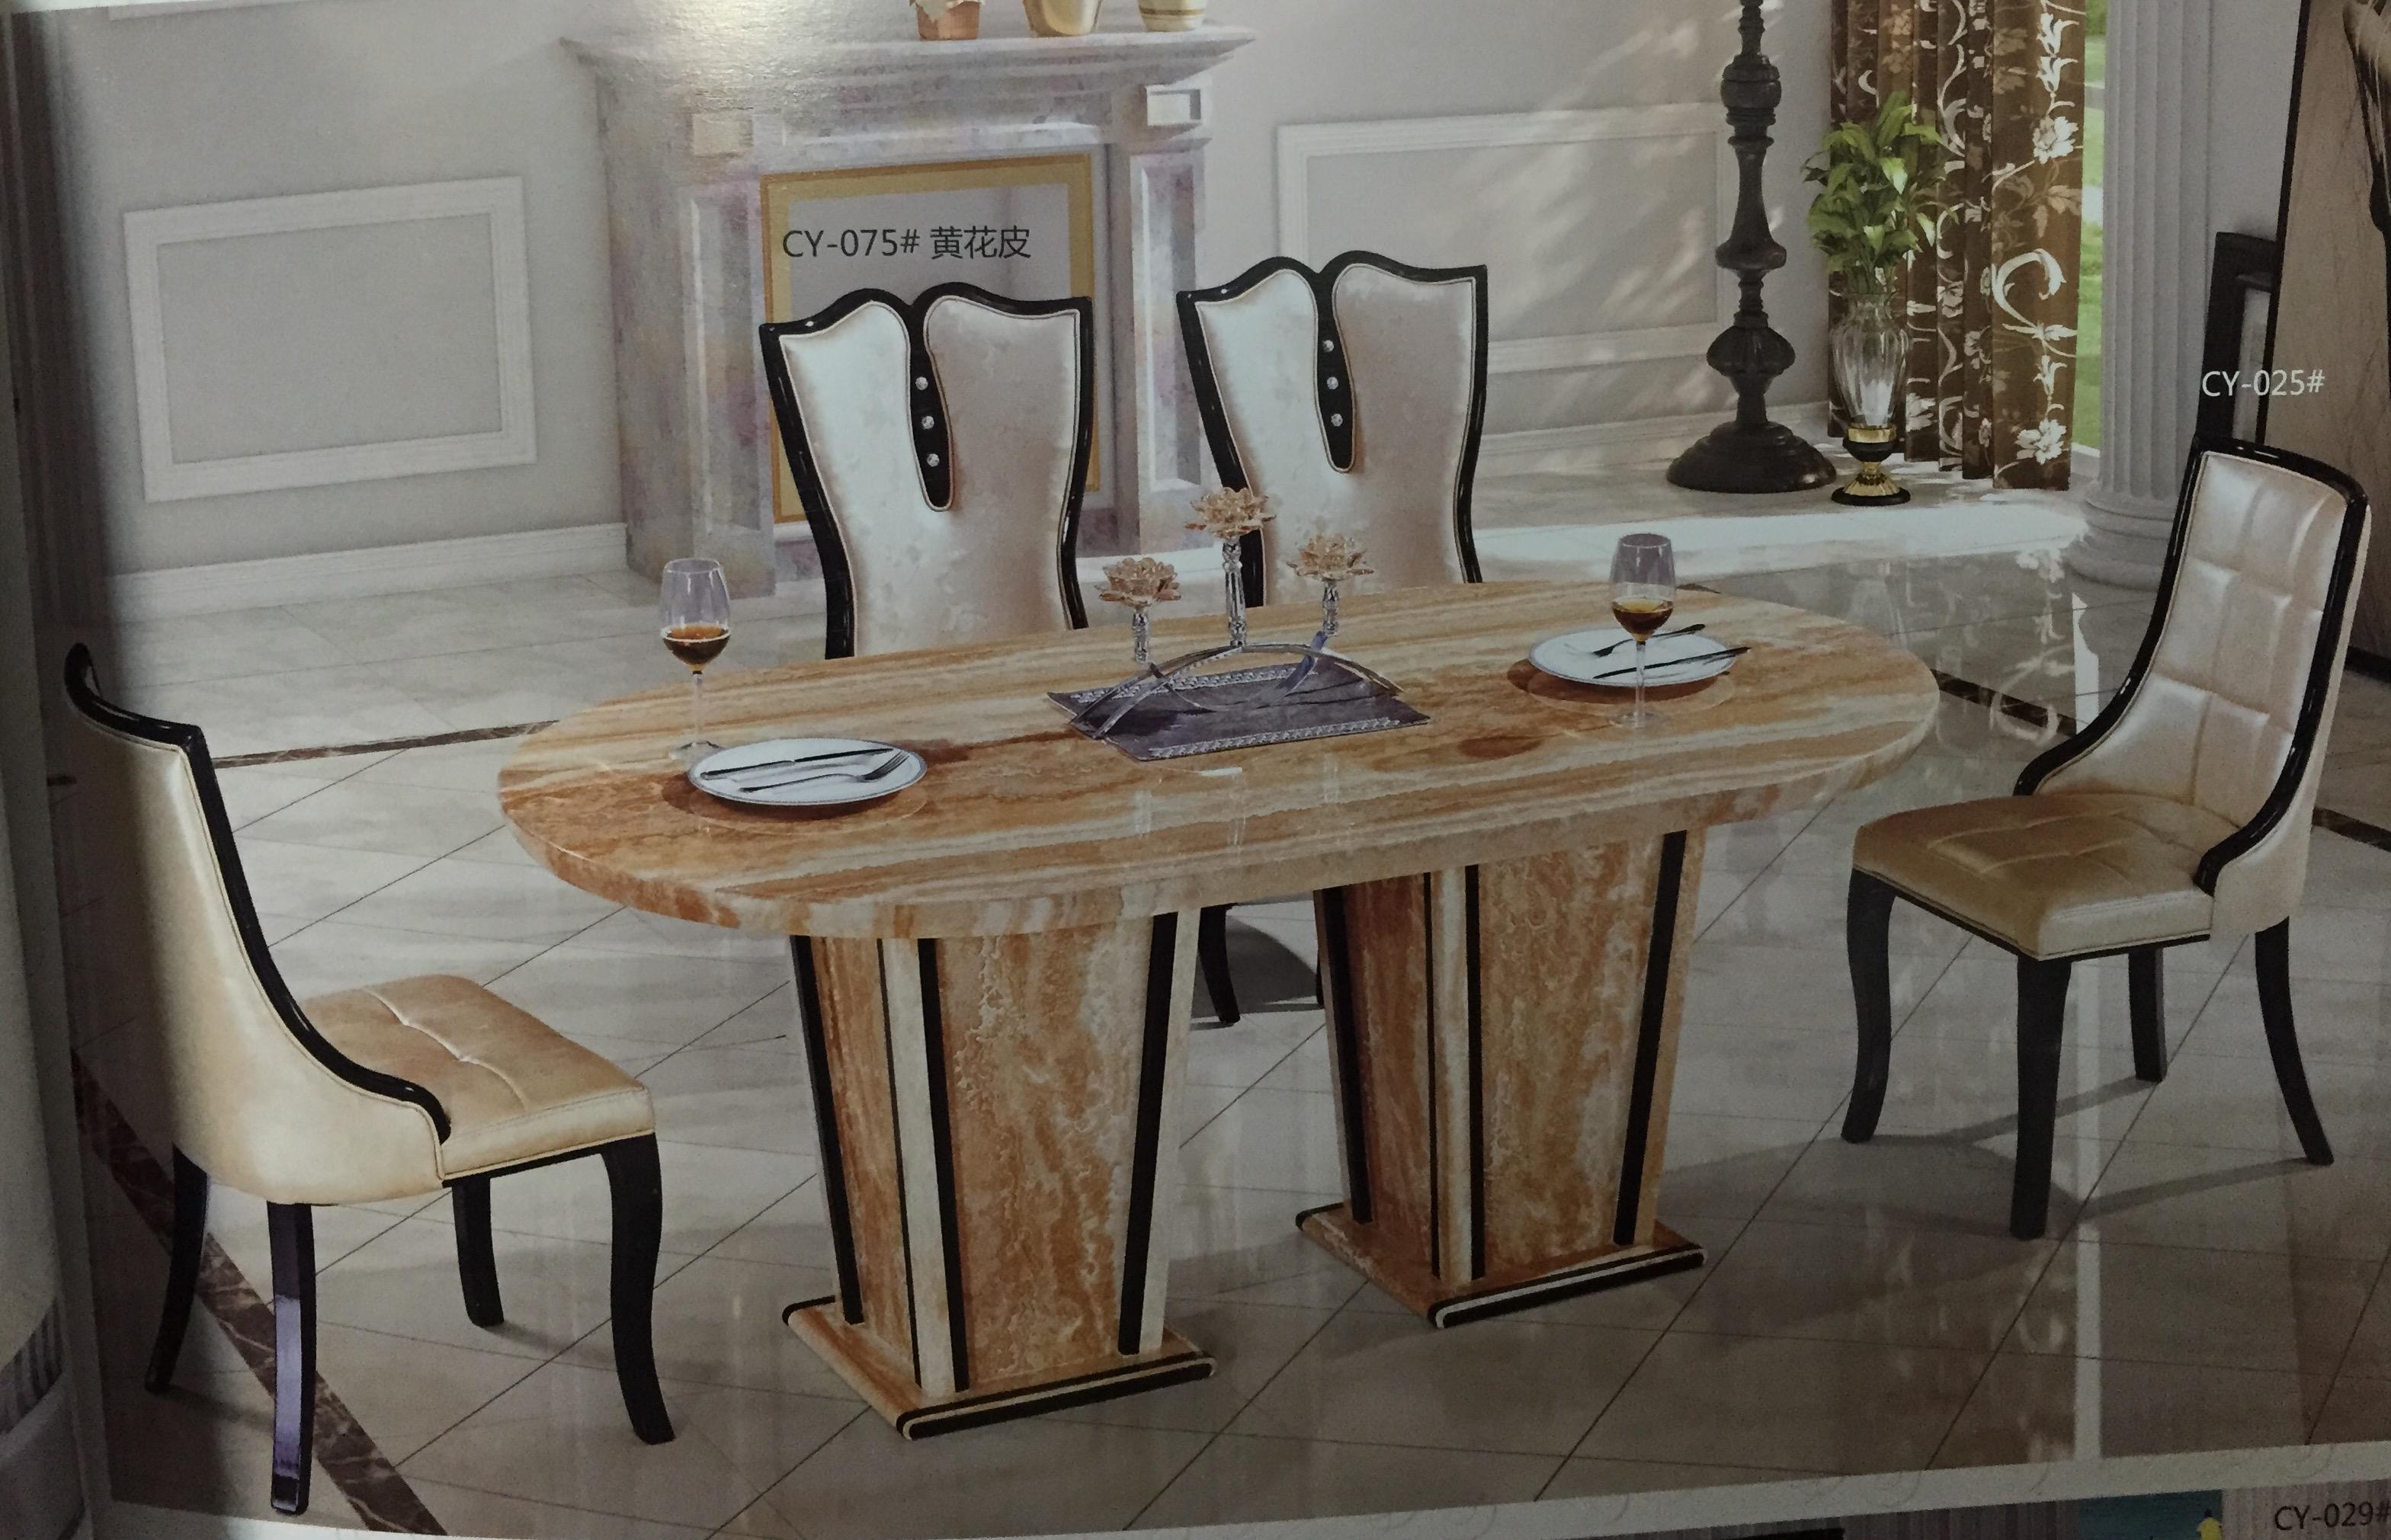 โต๊ะอาหารหินอ่อน 2.20 เมตรพร้อมเก้าอี้ 8 ตัว